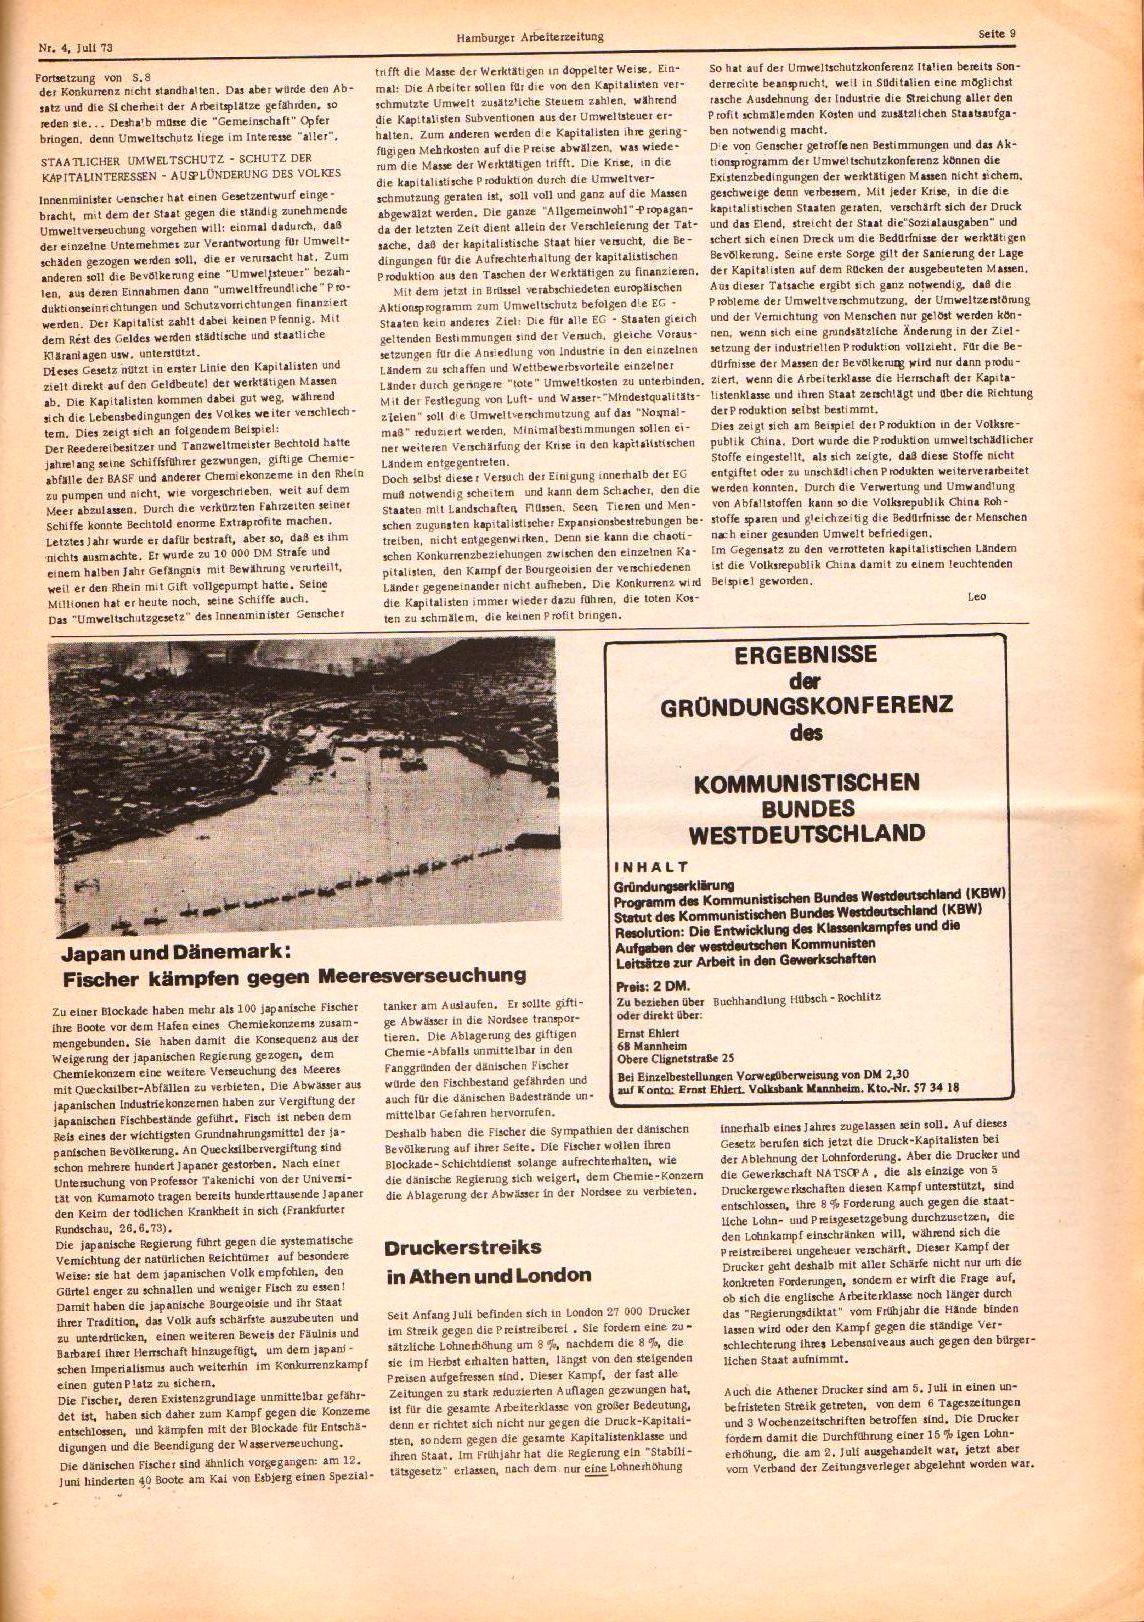 Hamburger_Arbeiterzeitung073